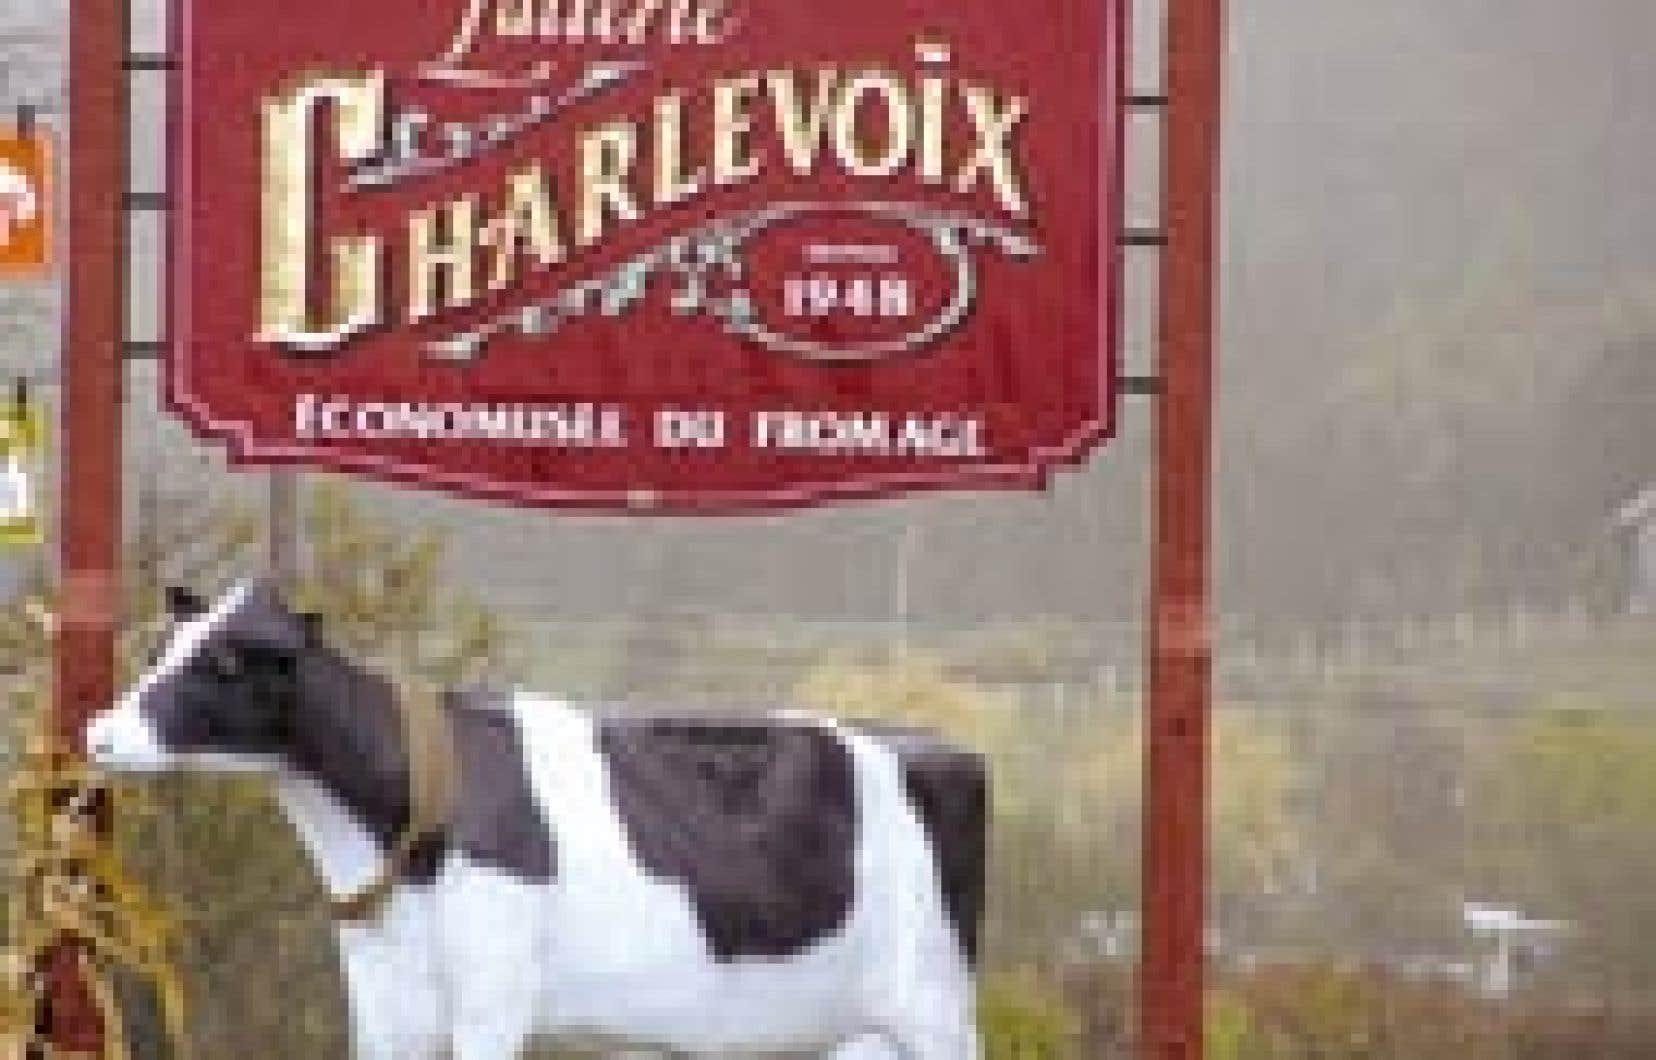 Chaque région tente de développer des ressources parallèles à l'industrie agroalimentaire, comme par exemple l'Écomusée du fromage dans Charlevoix.